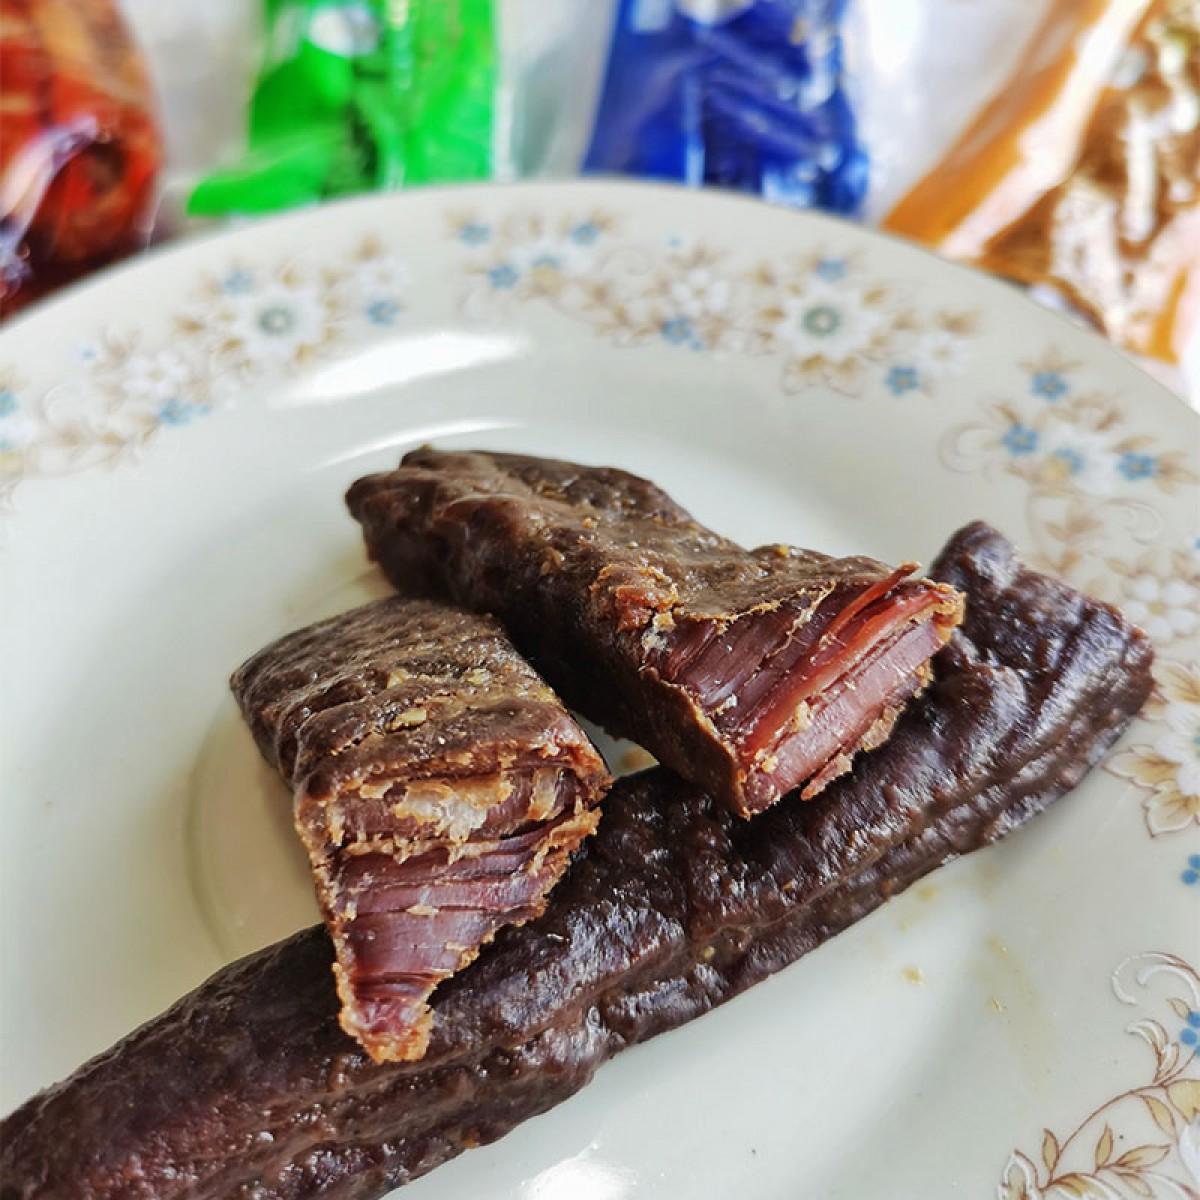 内蒙古半干牛肉干原味、香辣味、孜然味混装500g